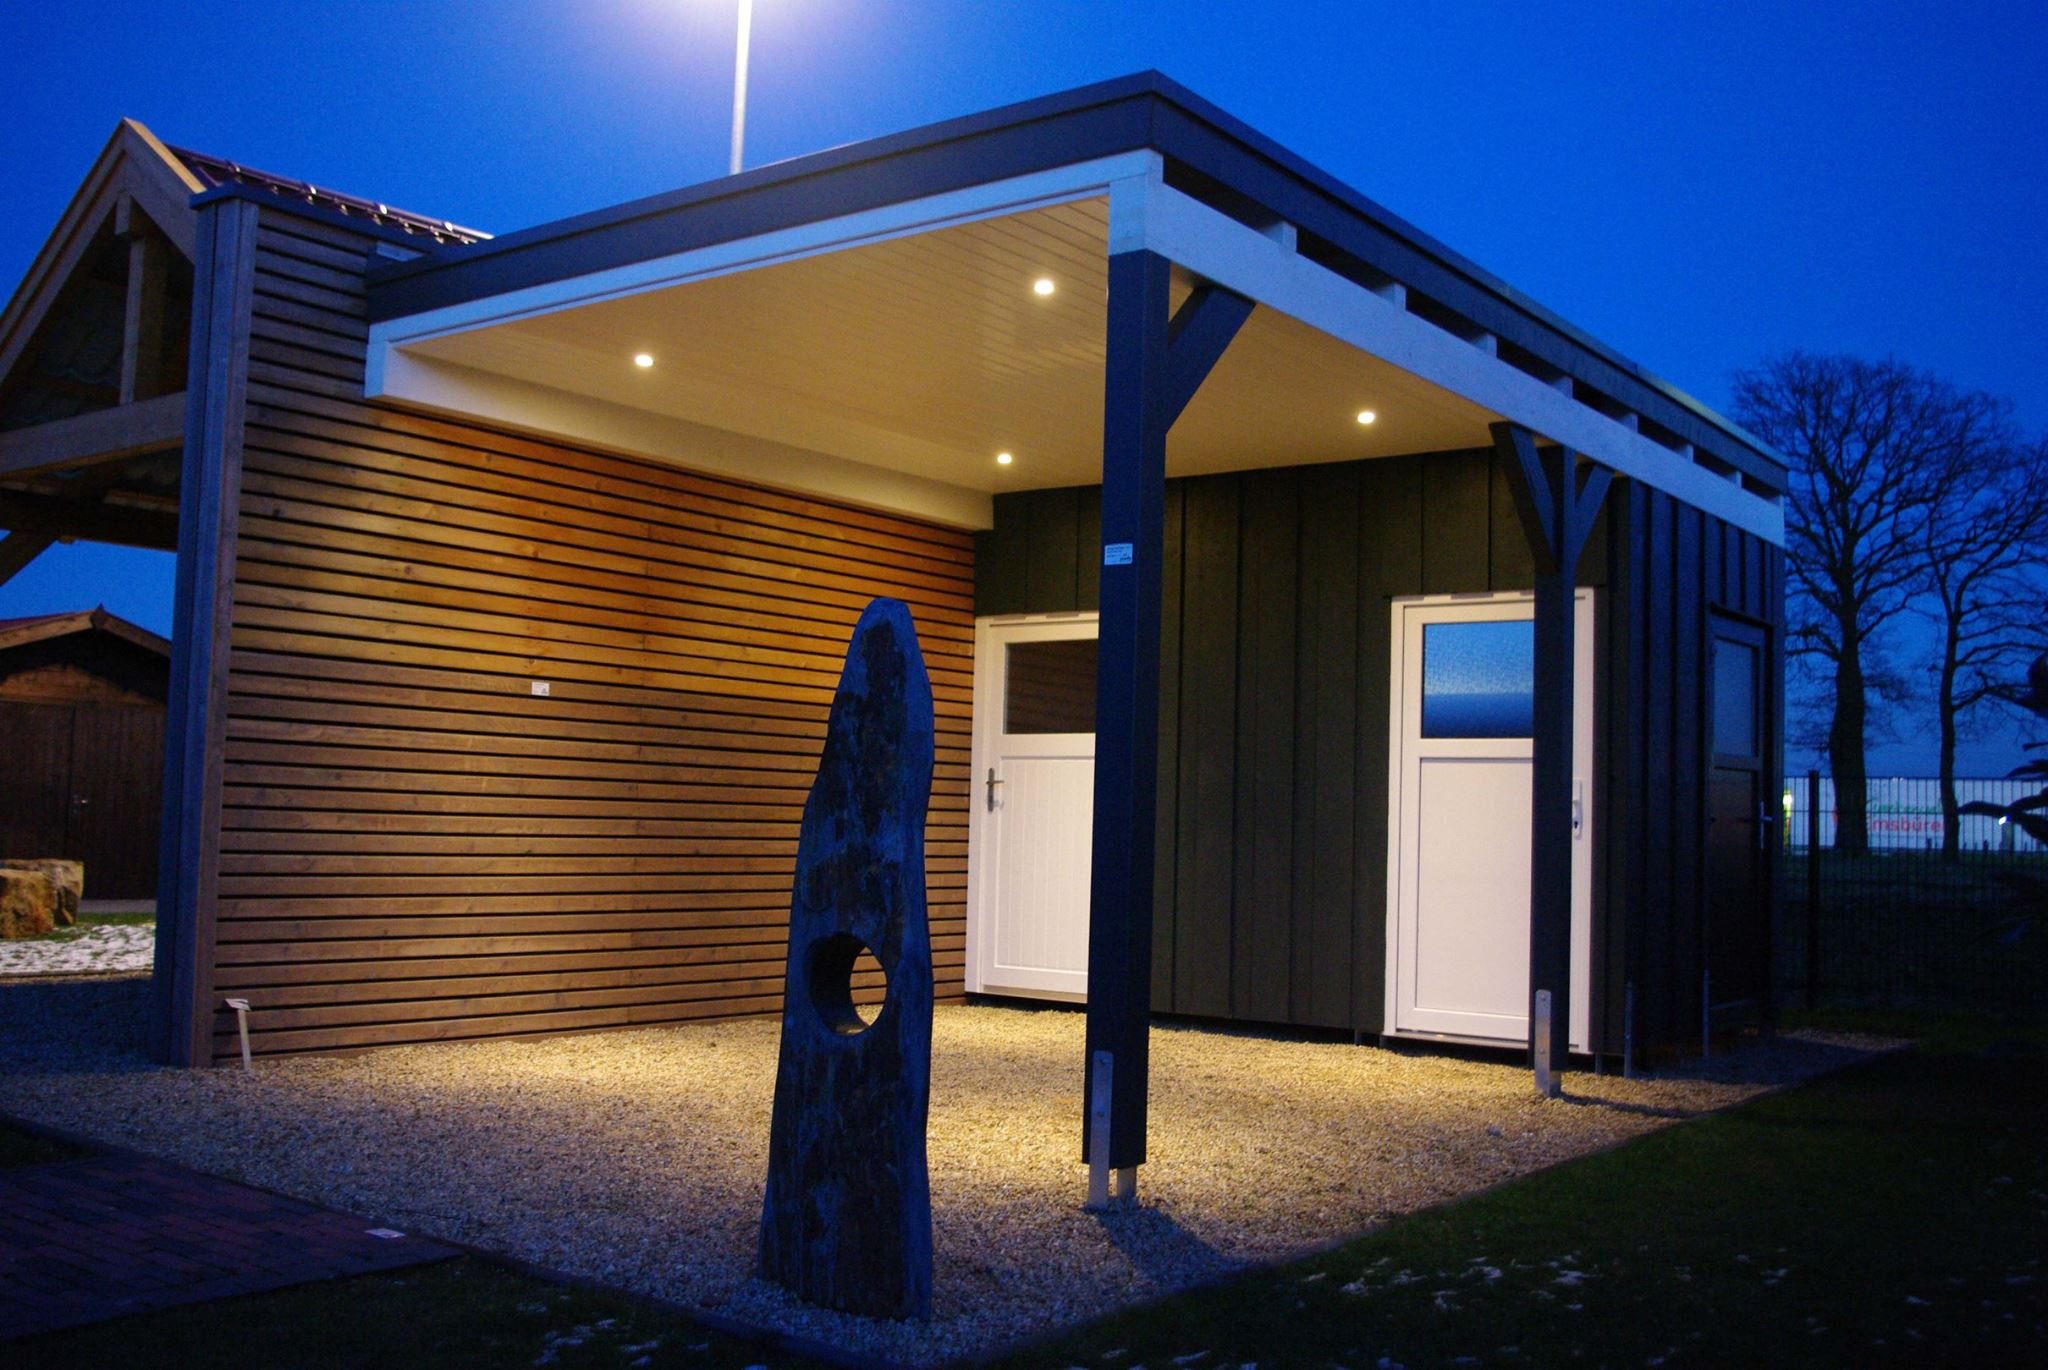 LED Lampen und Lichter richtig anbringen – steda zeigt wie es geht!